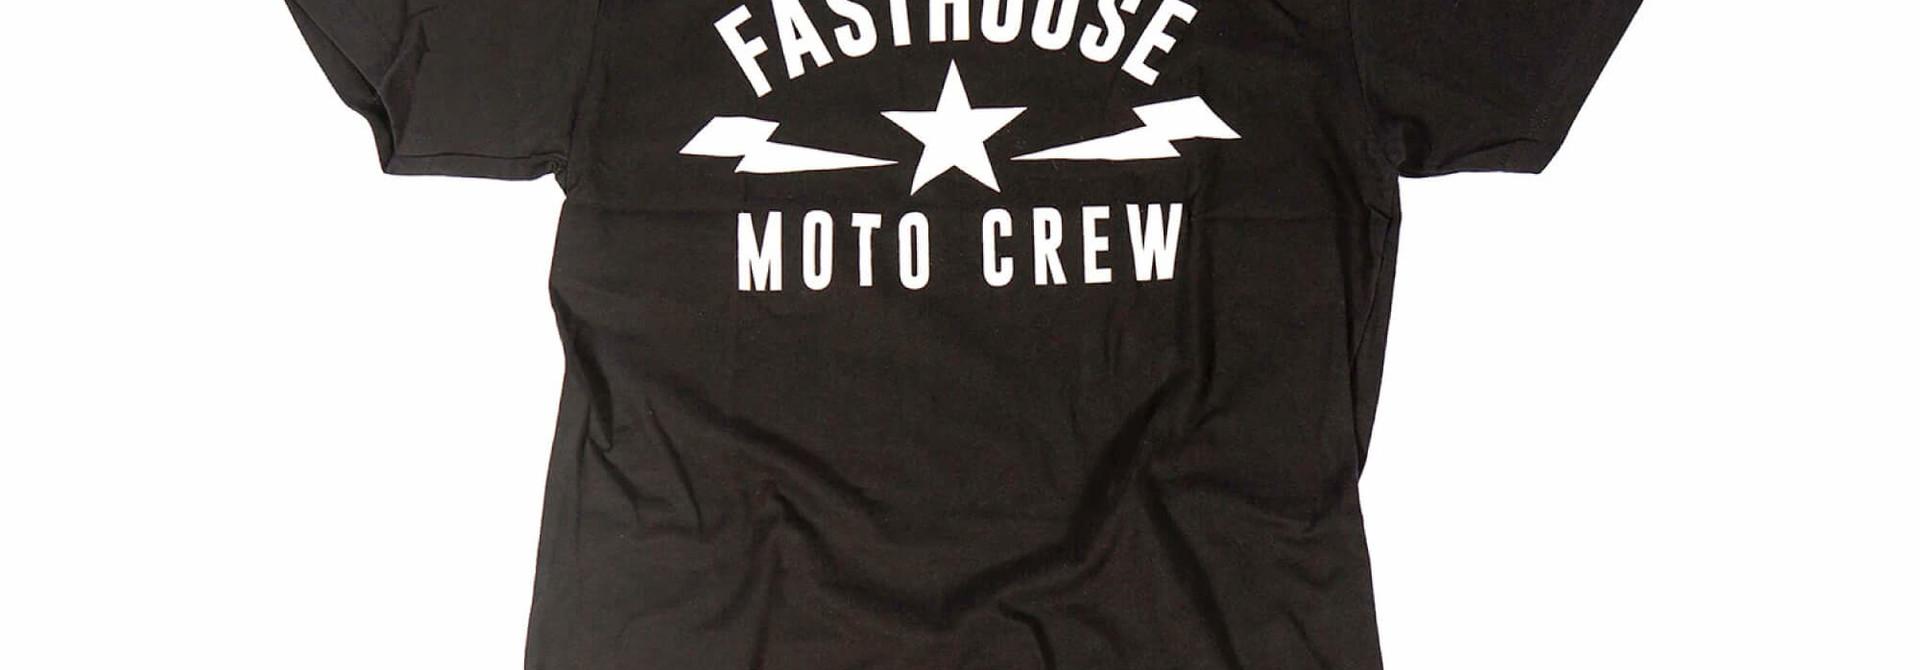 Moto Crew T-Shirt